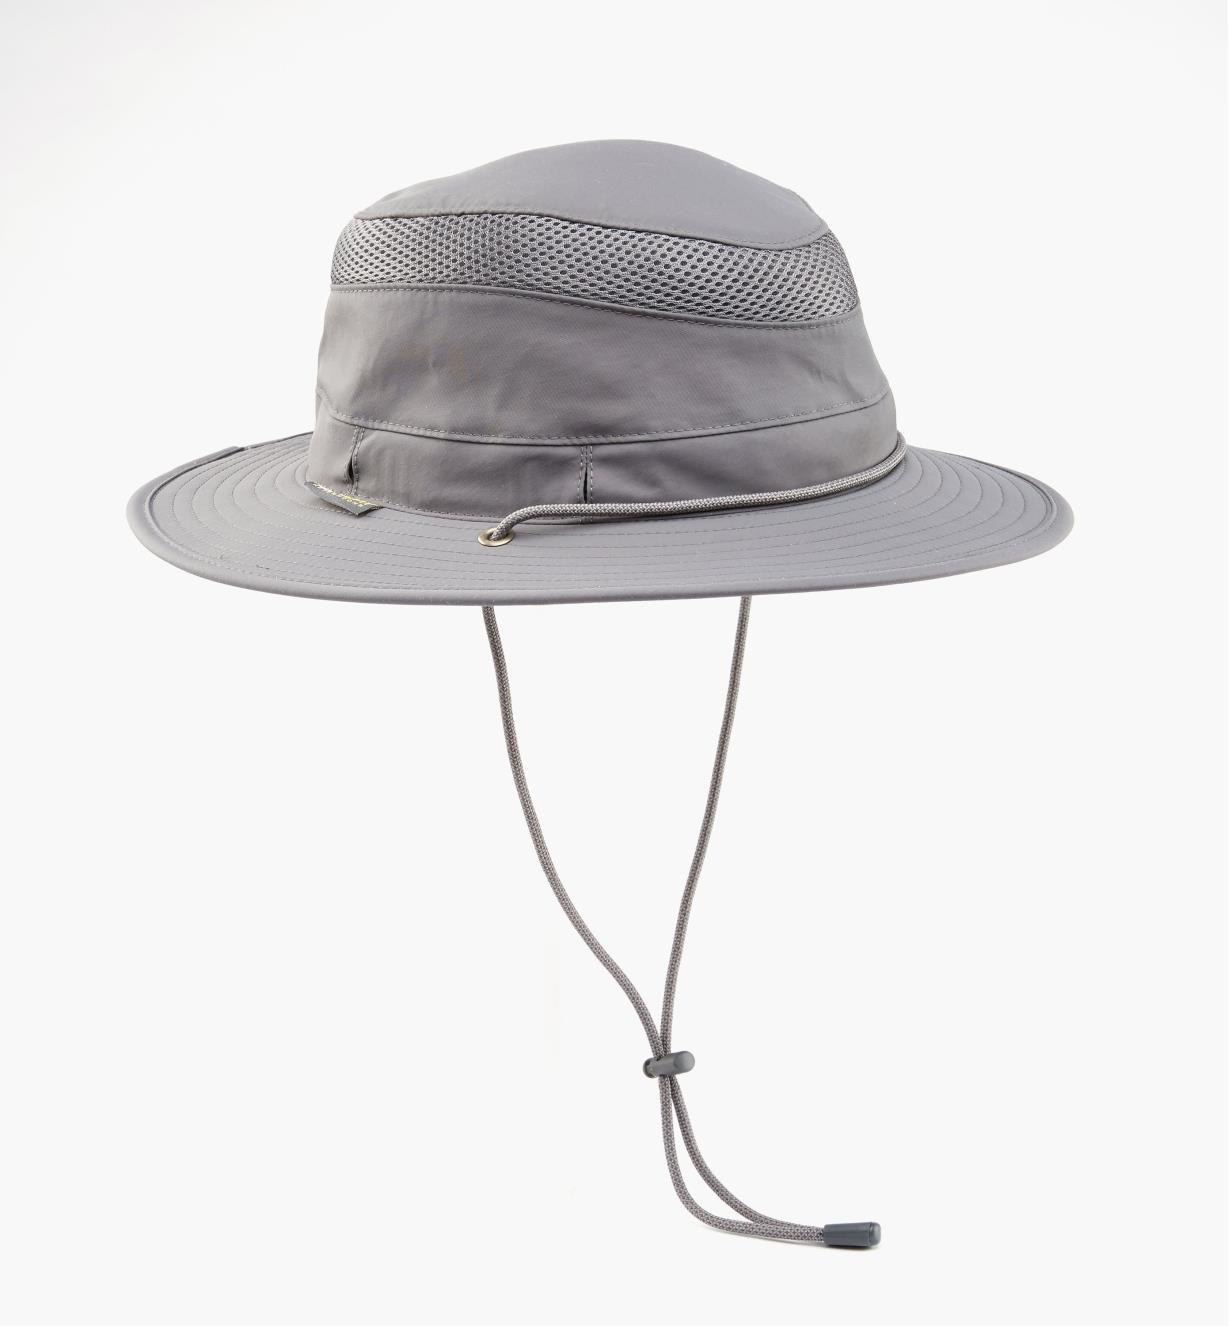 HL551 - Chapeau de voyage classique, moyen, gris anthracite